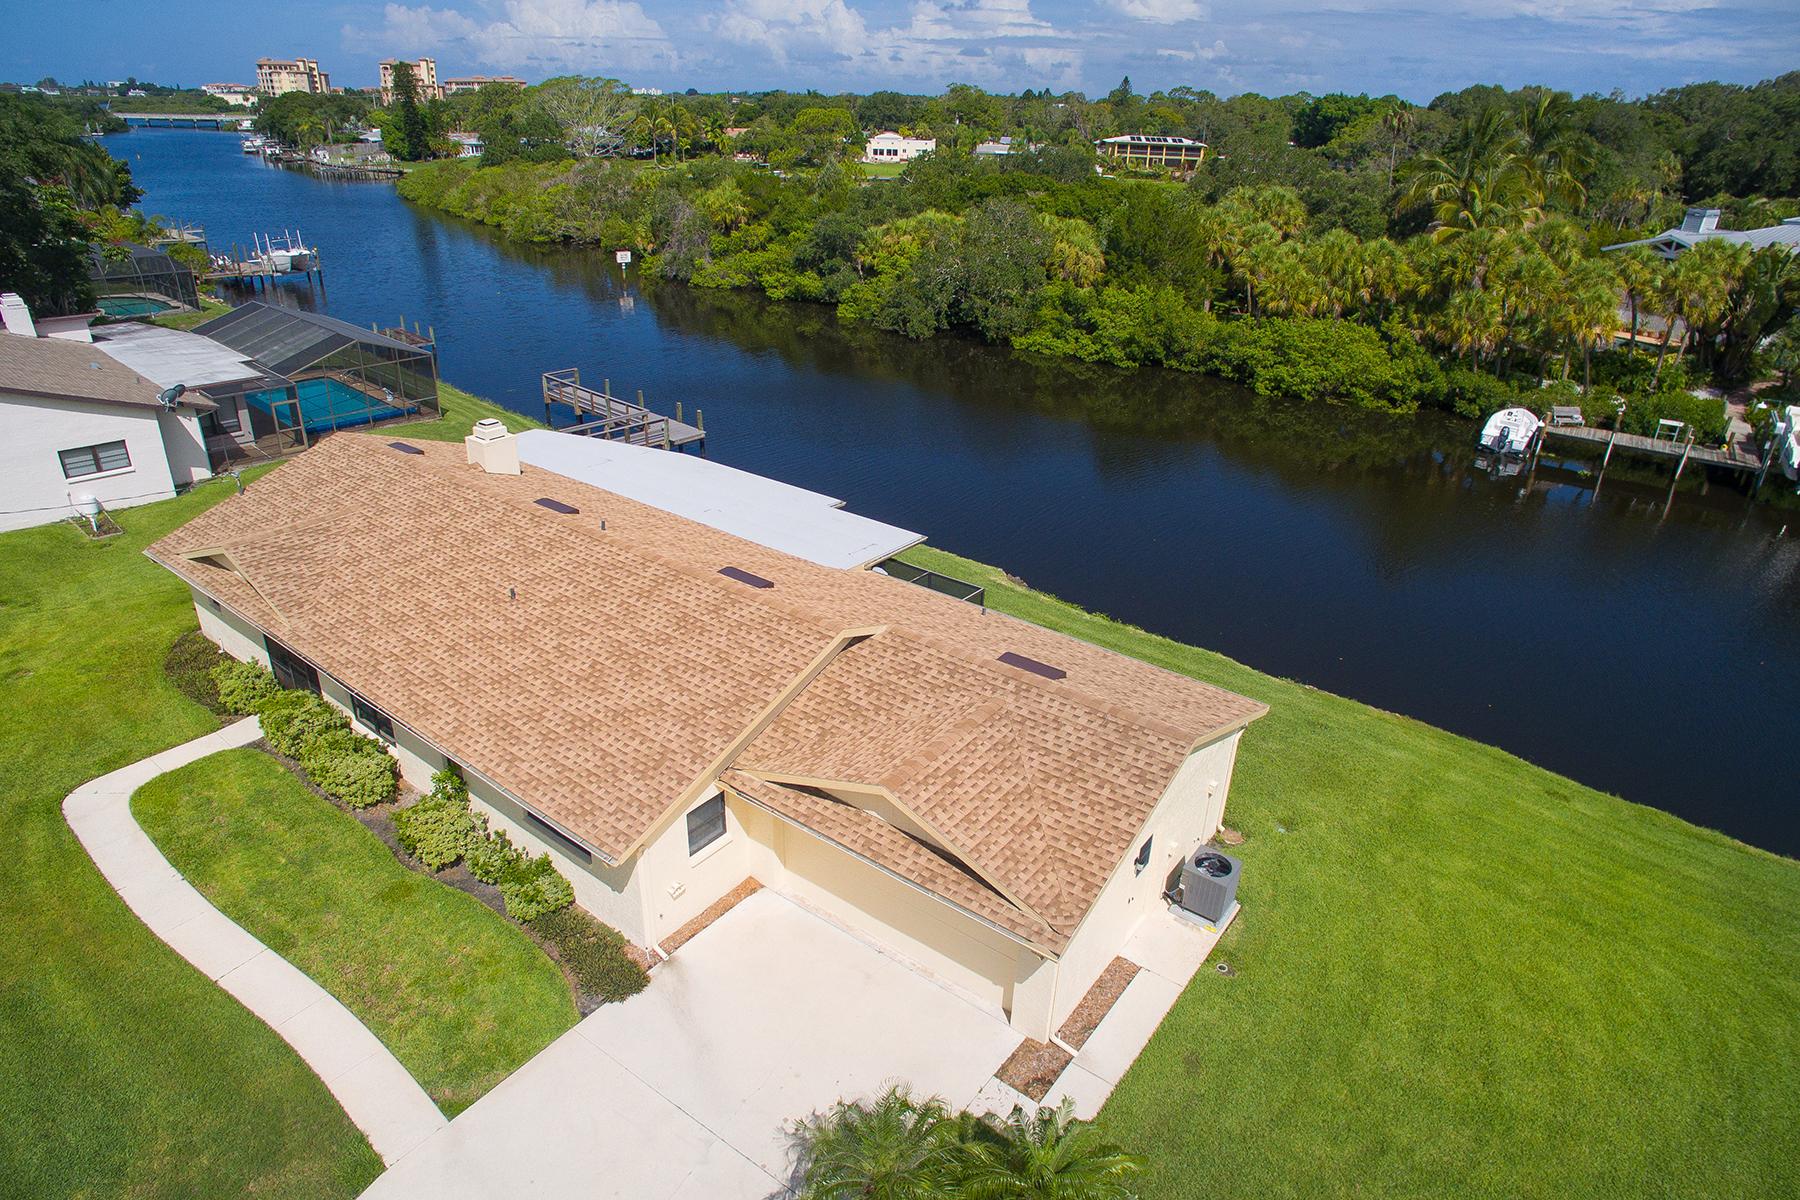 Частный односемейный дом для того Продажа на PHILLIPPI GARDENS 5412 America Dr Sarasota, Флорида 34231 Соединенные Штаты